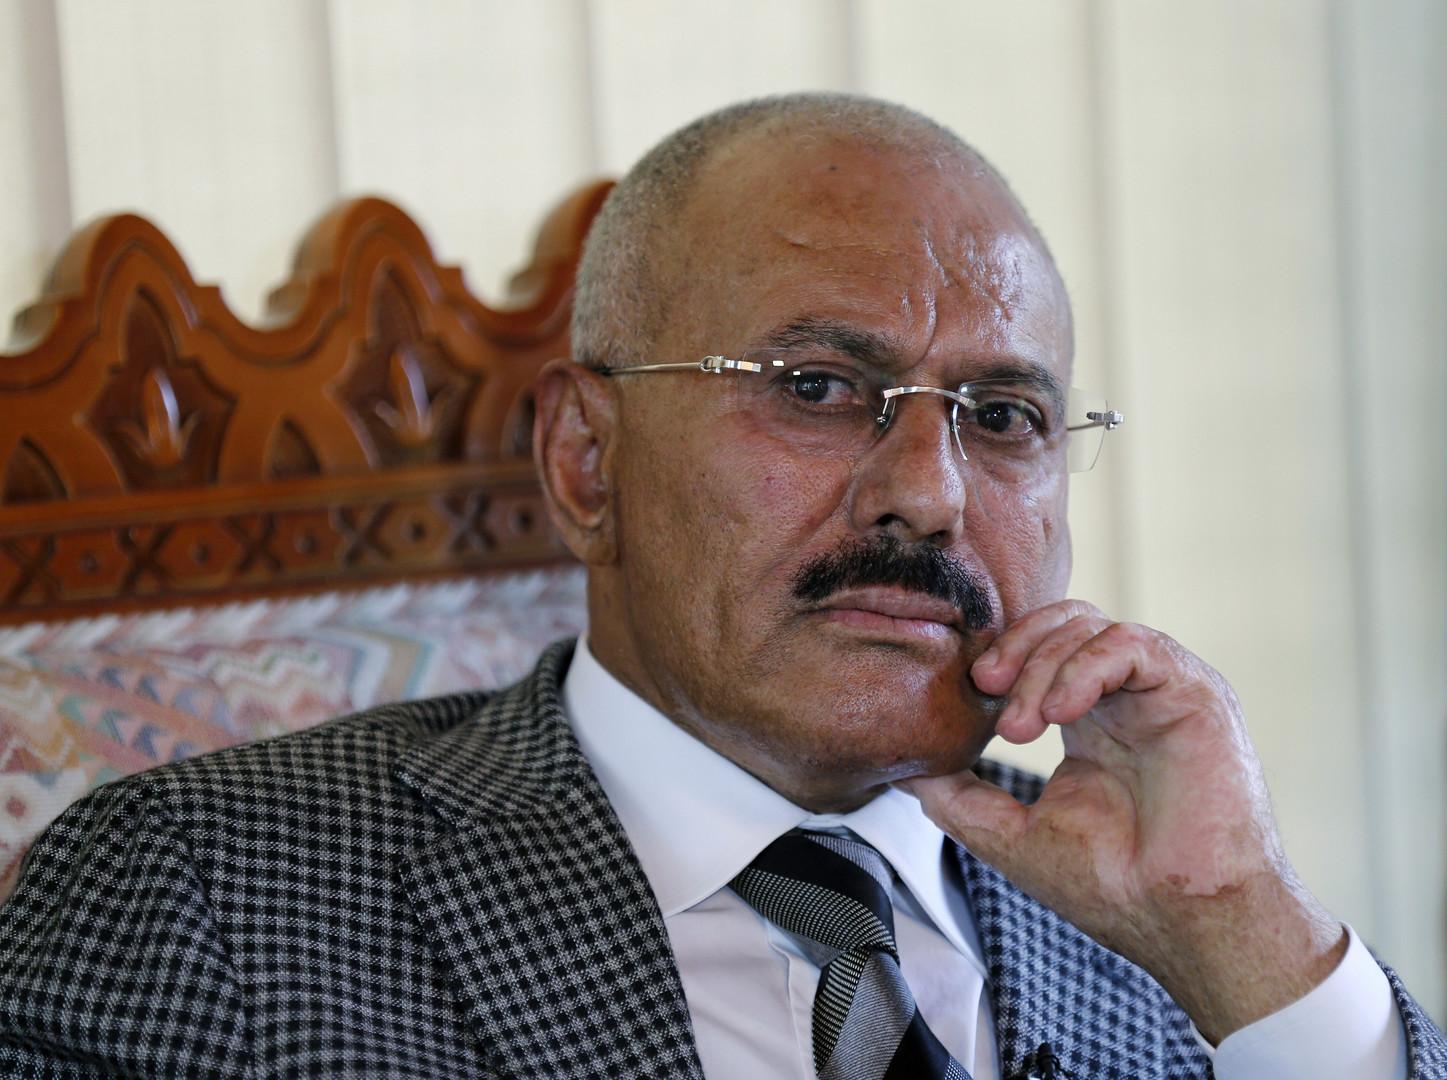 Экс-президент Йемена в интервью RT: «Братья-мусульмане» — это изобретение саудовцев